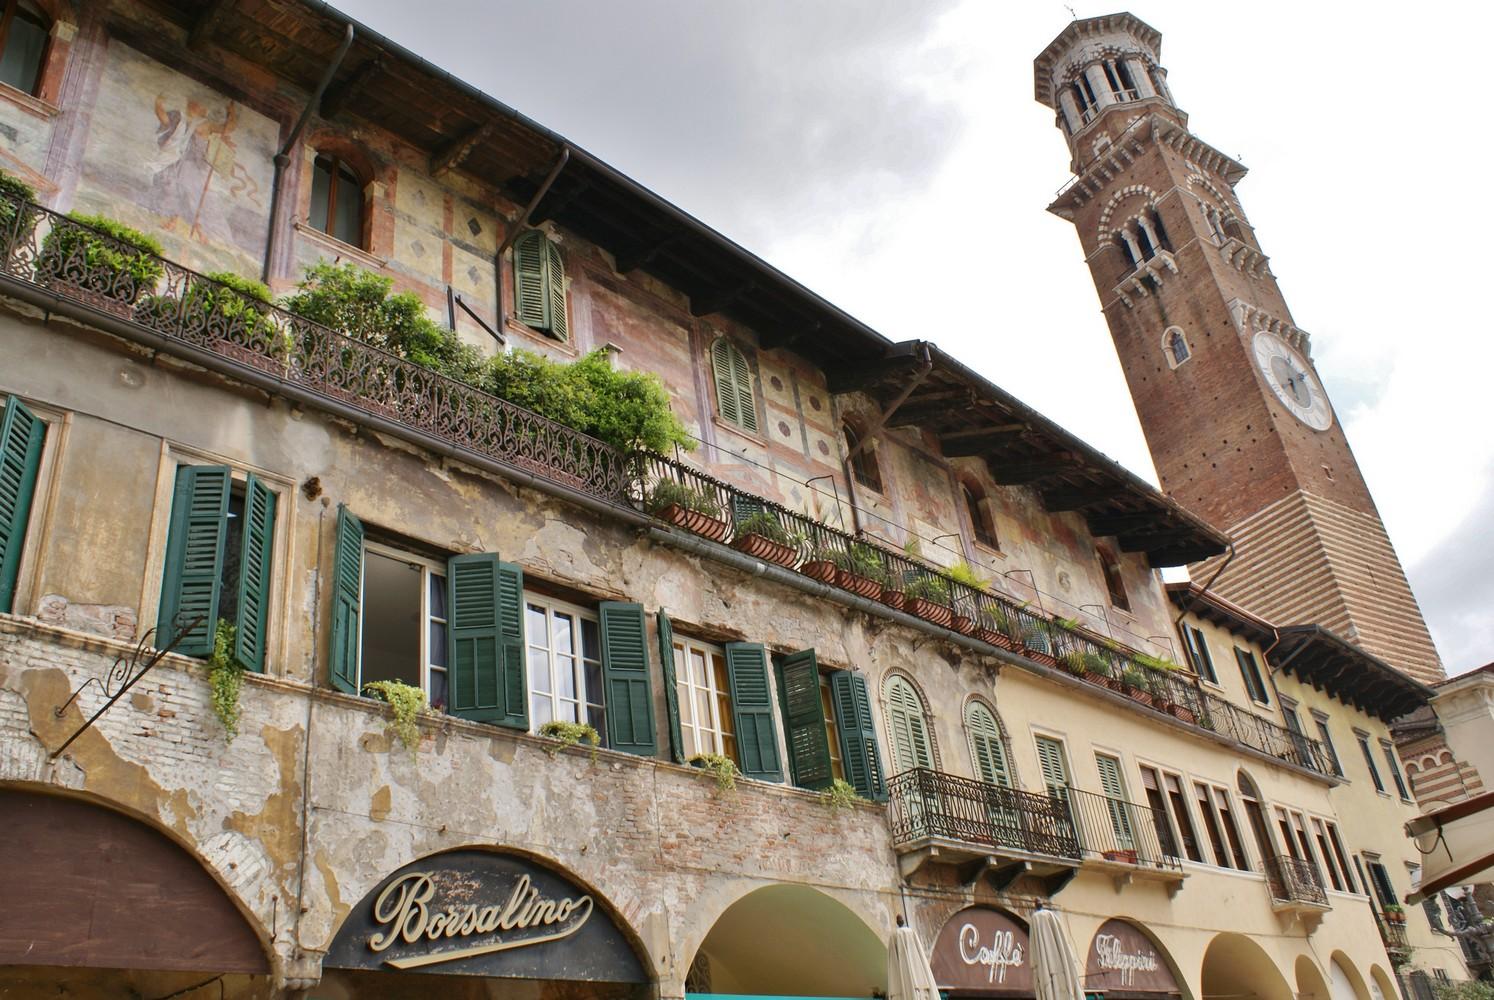 Torre dei Lamberti - Piazza delle Erbe - Vérone